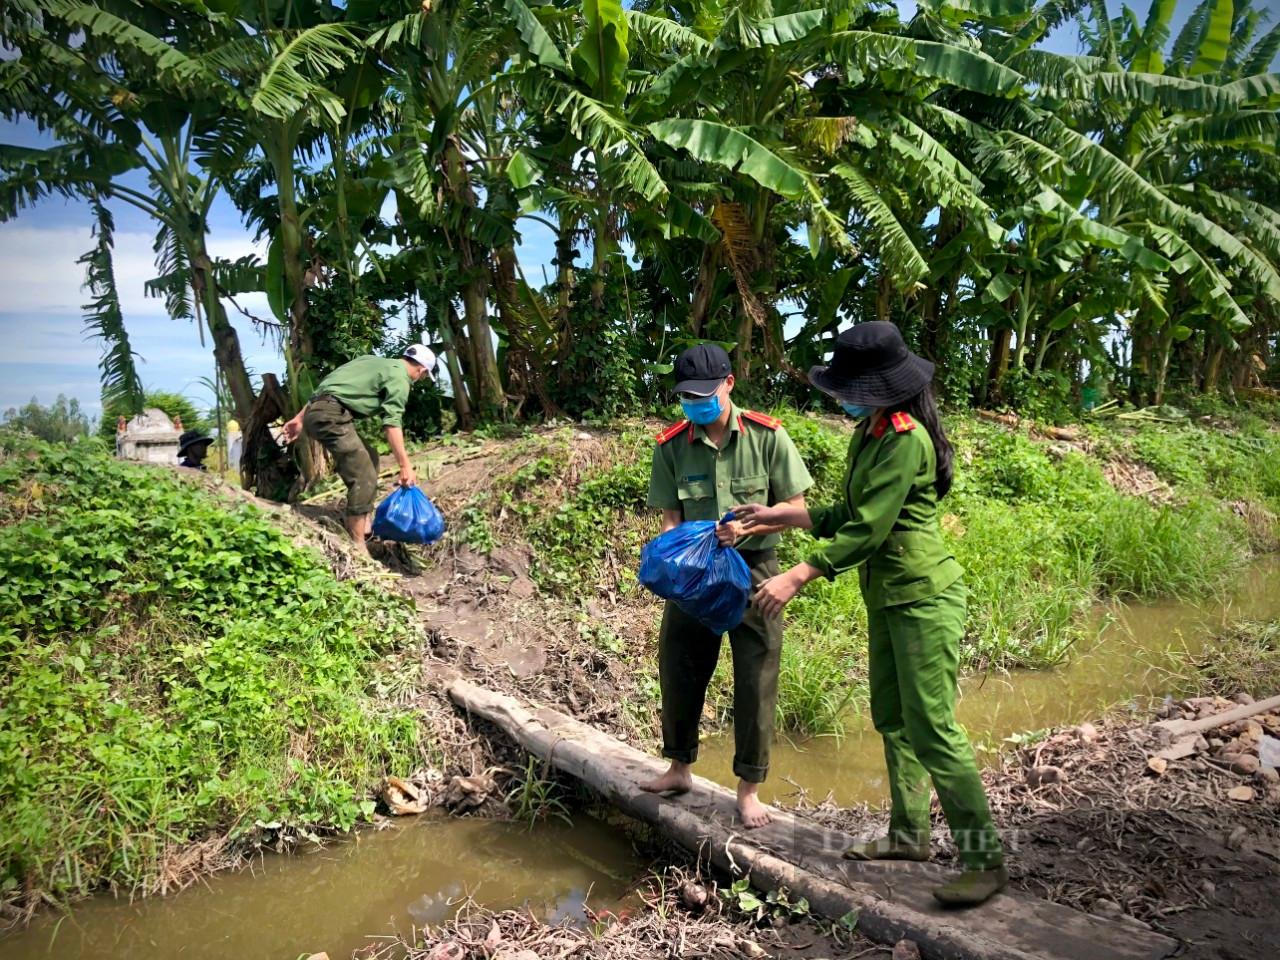 Công an huyện Giồng Riềng giúp nông dân tiêu thụ gần 180 tấn khoai lang - Ảnh 2.